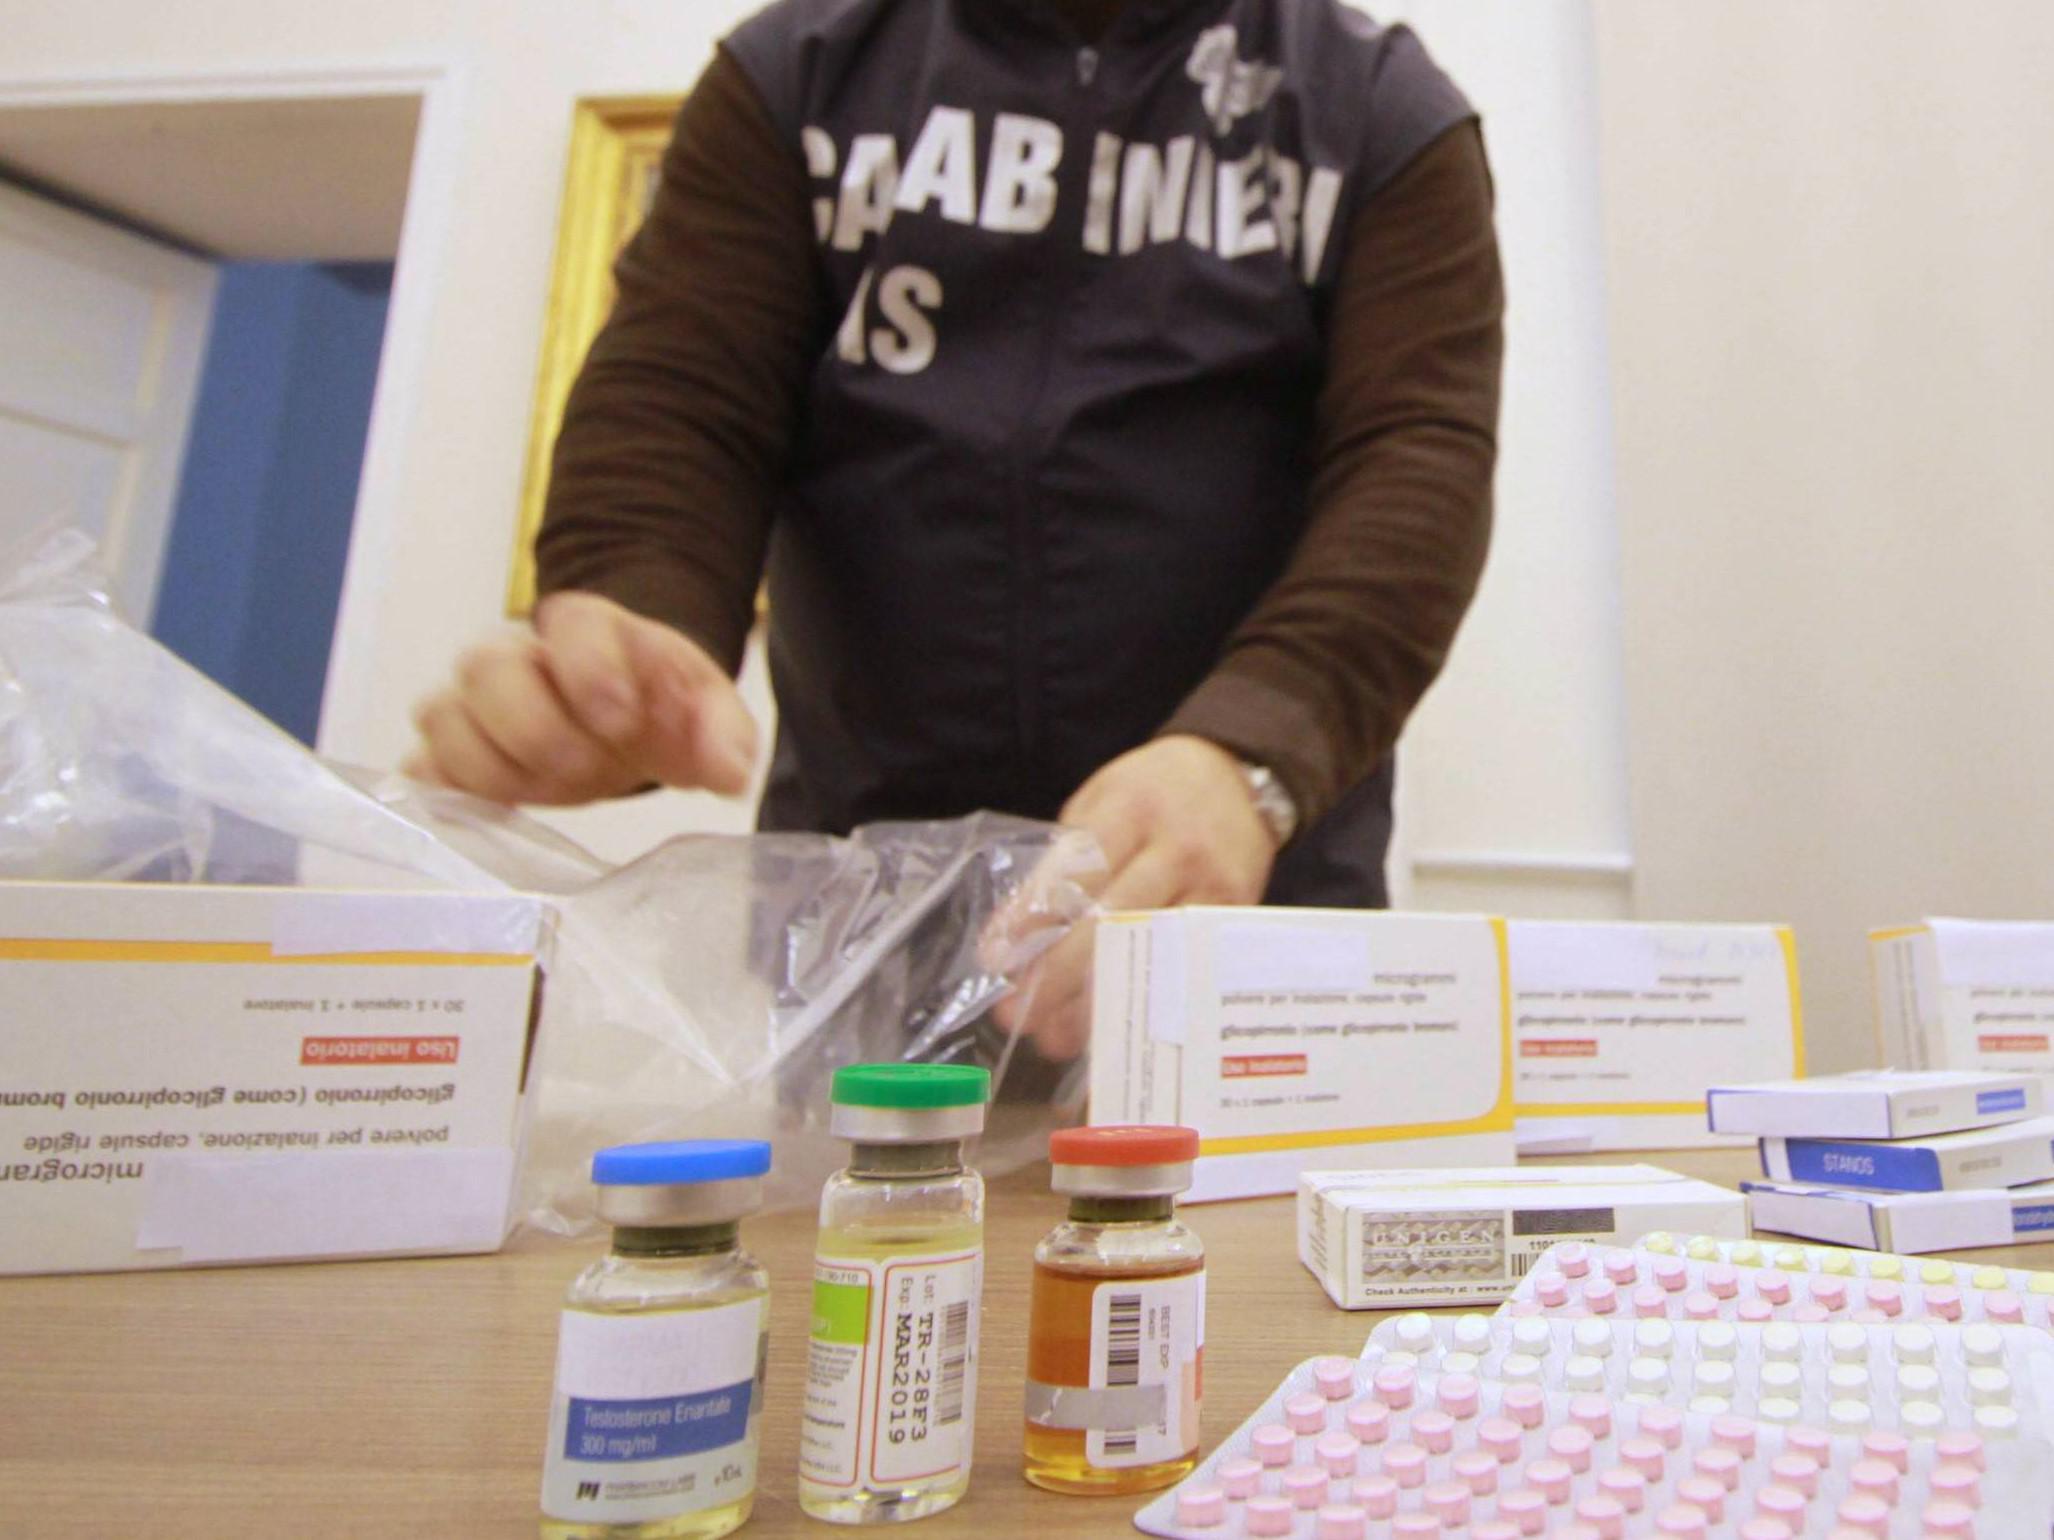 Vendita online di farmaci illegali, i Nas oscurano 11 siti